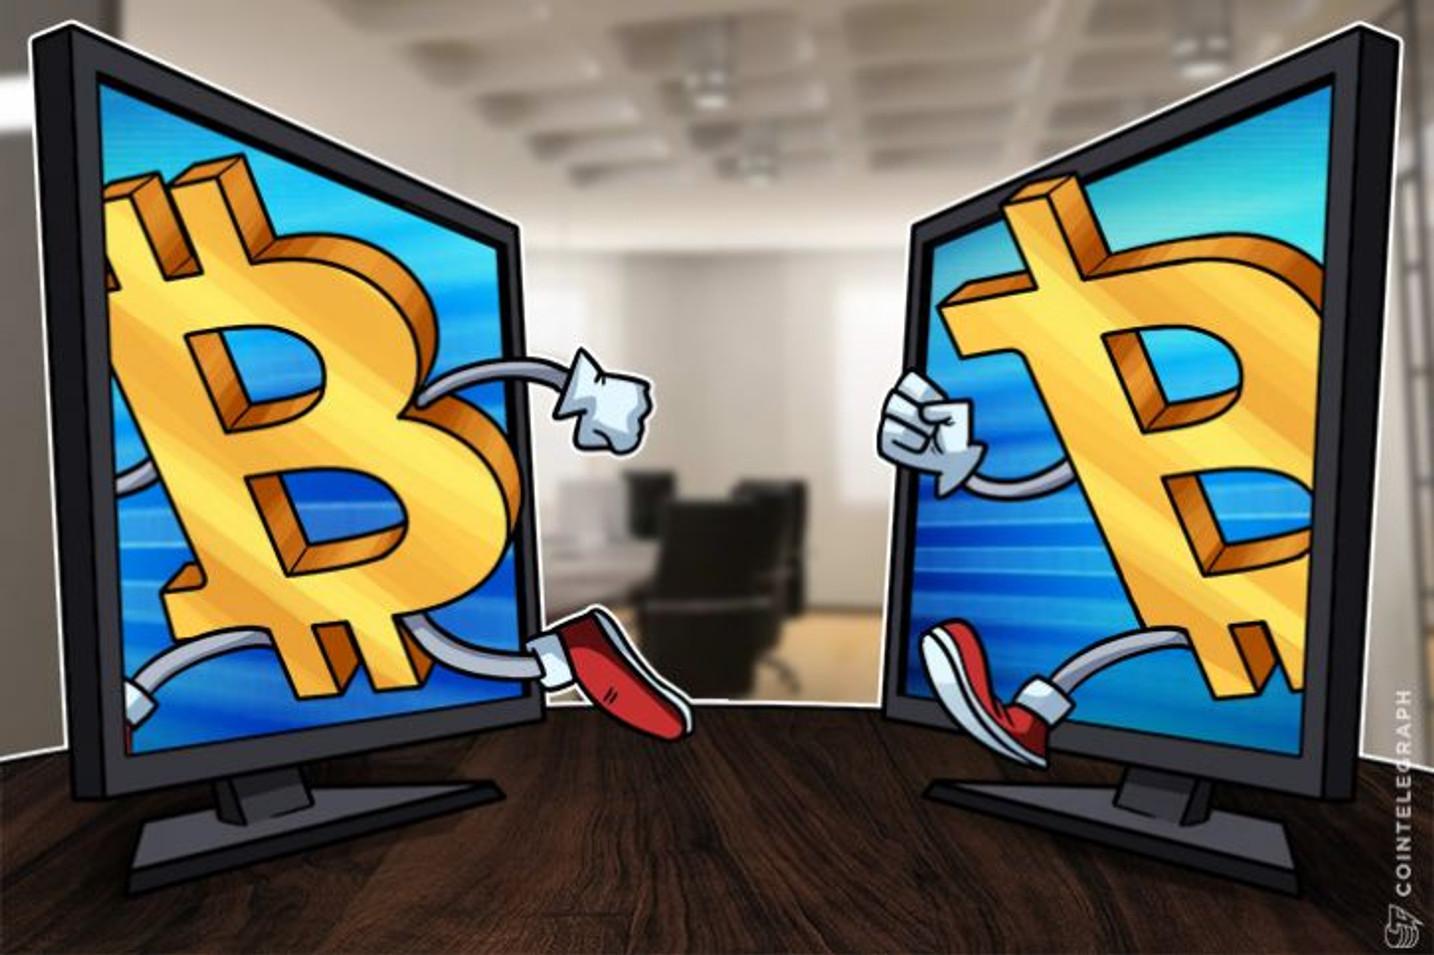 Taxas em Transações Bitcoin Diminuem Significativamente, Charlie Shrem Paga Taxas de $0,25